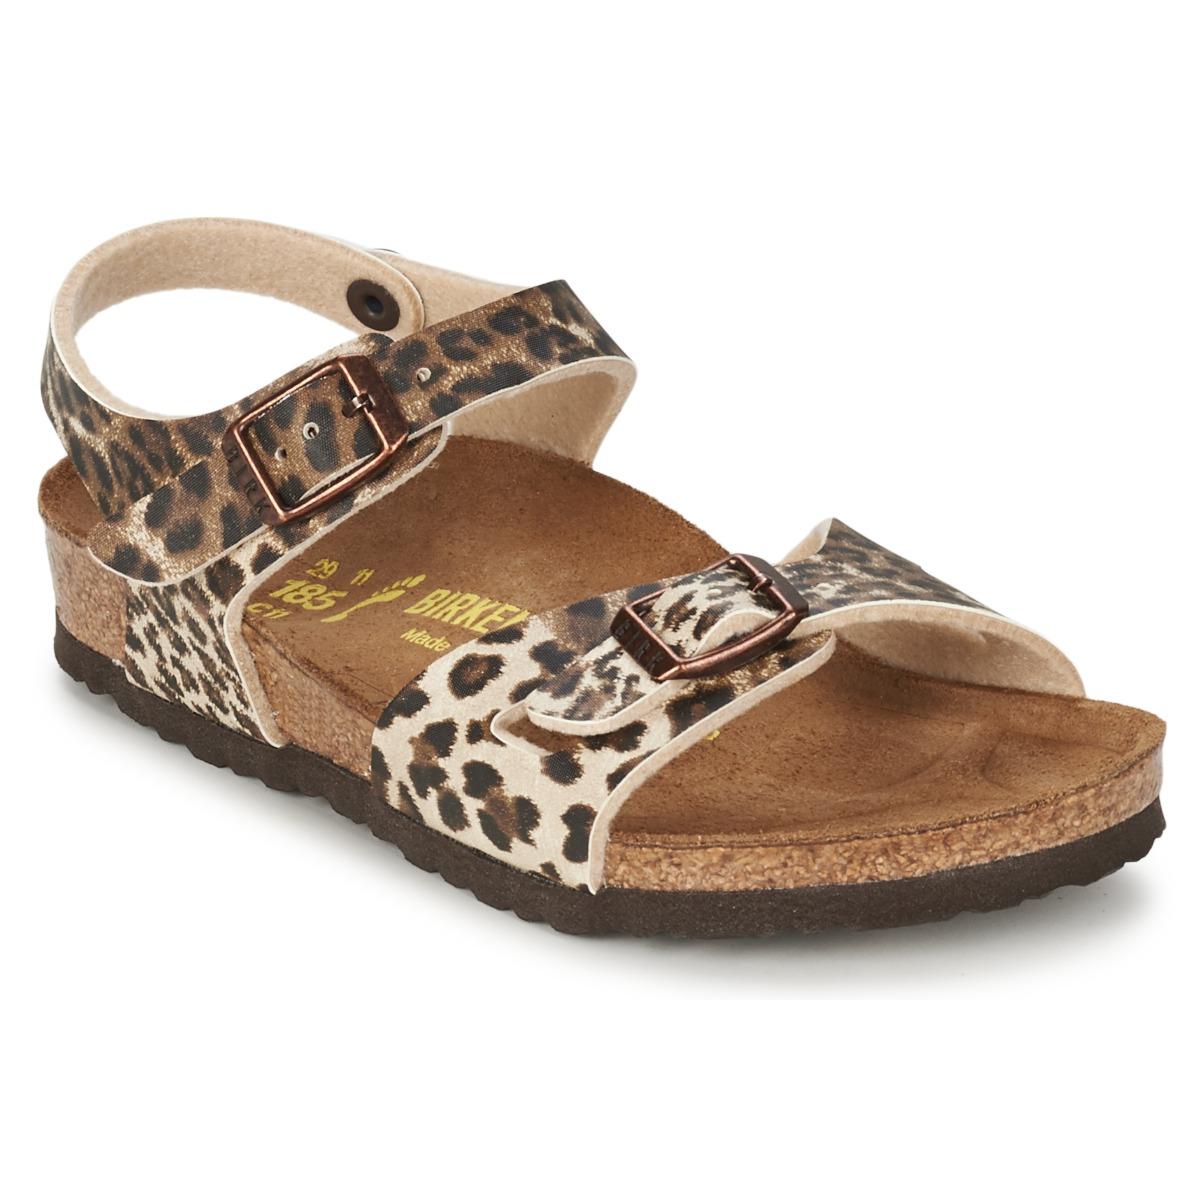 birkenstock rio leopard marron chaussure pas cher avec chaussures sandale. Black Bedroom Furniture Sets. Home Design Ideas